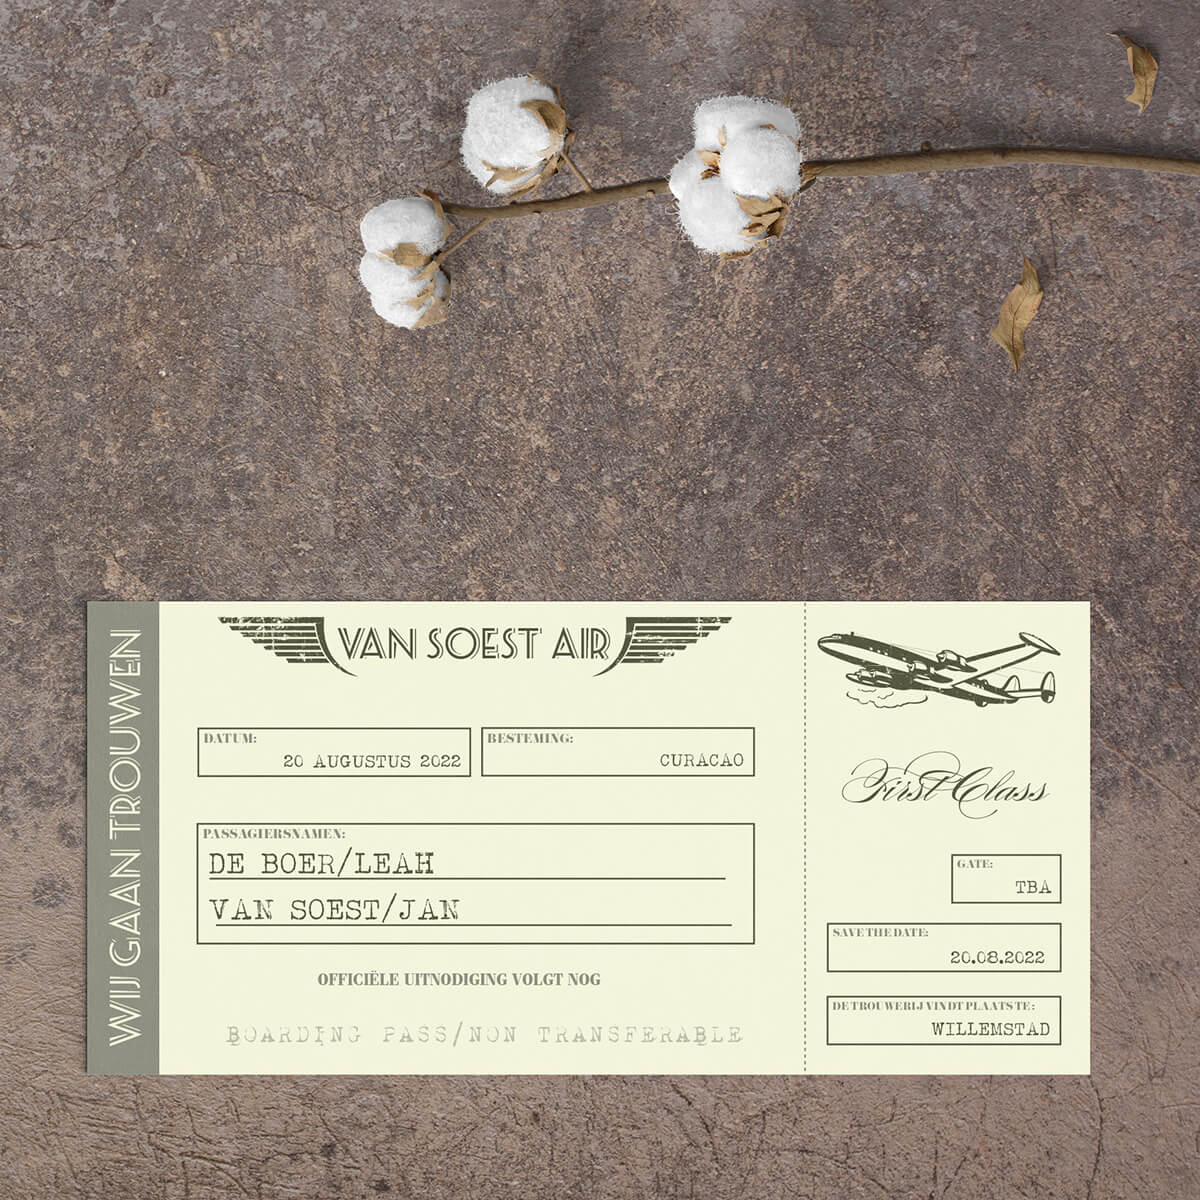 Save the date kaart Vintage Vliegtuigticket is een leuk, speels ontwerp, met een knipoog naar het concept van een vliegtuigticket. Vintage van stijl. Beige en grijs qua kleur.